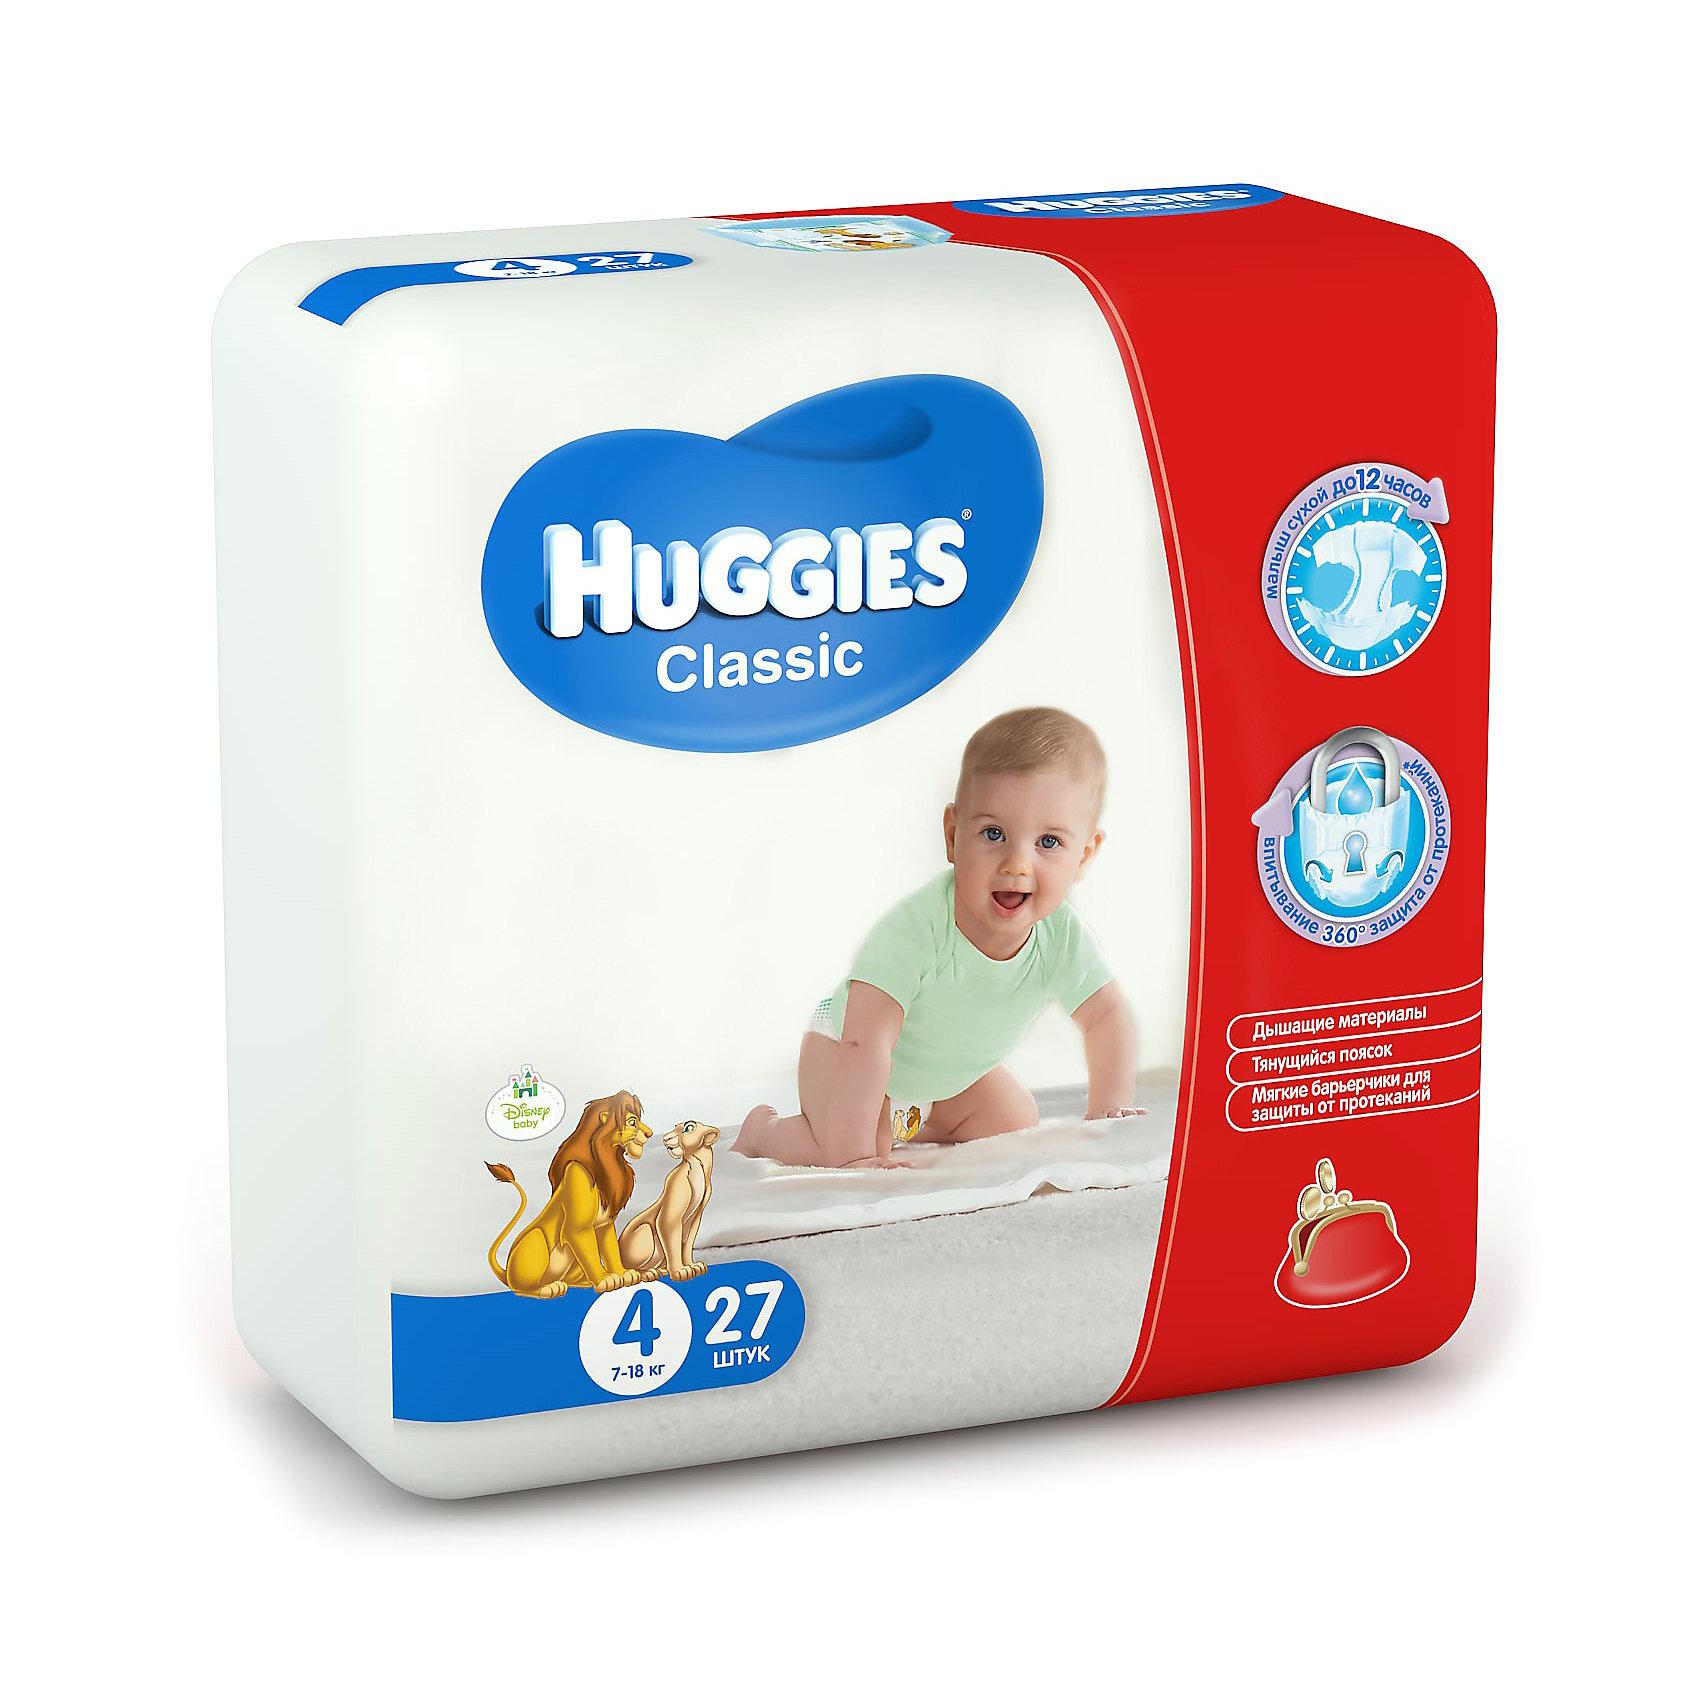 Подгузники Huggies Classic (4) Econom Pack 7-18 кг, 27 шт.HUGGIES Classic с технологией защиты от протекания 360° впитывают до 12 часов!<br><br>Подгузники HUGGIES Classic, сделанные из мягких дышащих материалов, заботятся о комфорте Вашего малыша. Специальный блок-гель в подгузниках запирает влагу на замок до 12 часов, сохраняя кожу малыша сухой, а технология 360° - мягкие эластичные барьерчики и тянущийся поясок помогают предотвратить протекания вокруг ножек и по спинке.<br><br>Вашему малышу в подгузниках HUGGIES Classic будет сухо и комфортно!<br><br>Дополнительная информация:<br><br>Размер: 4, 7-18 кг.<br>В упаковке: 27 шт.<br><br>Подгузники Huggies Classic (4) Econom Pack 7-18 кг, 27 шт. можно купить в нашем интернет-магазине.<br><br>Ширина мм: 215<br>Глубина мм: 222<br>Высота мм: 108<br>Вес г: 847<br>Возраст от месяцев: 6<br>Возраст до месяцев: 36<br>Пол: Унисекс<br>Возраст: Детский<br>SKU: 3389839